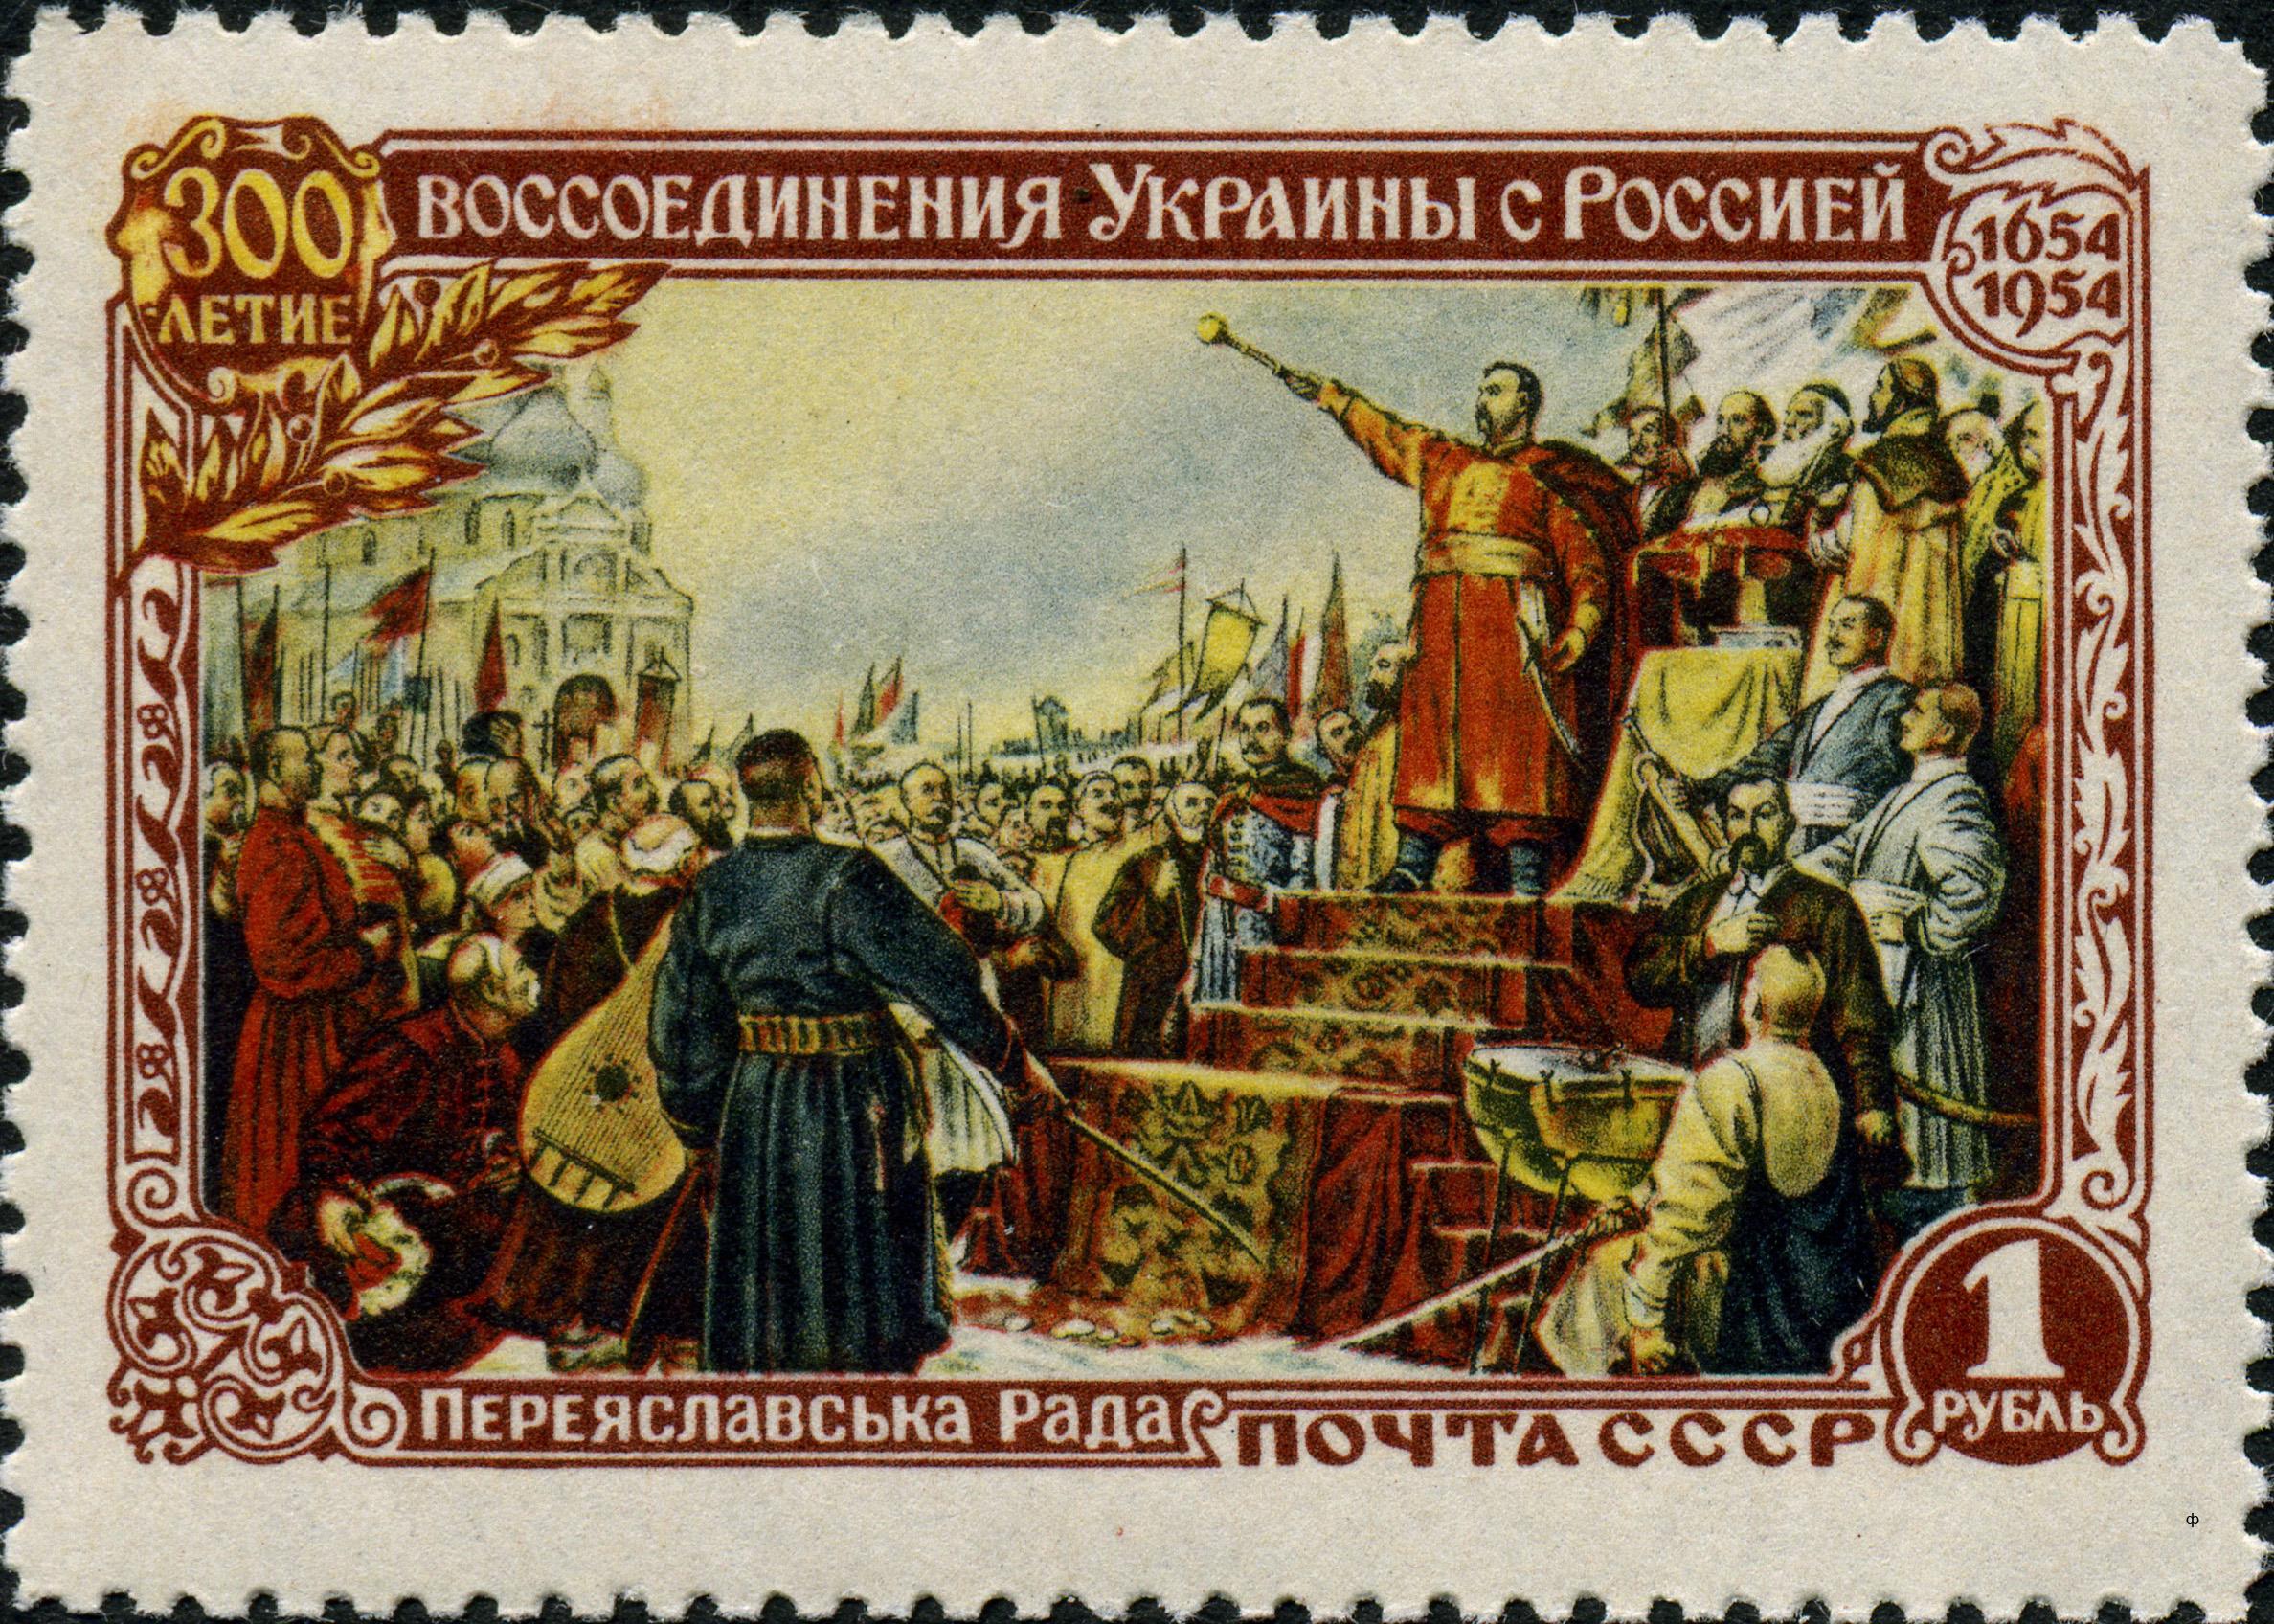 1954._300-летие_воссоединения_Украины_с_Россией